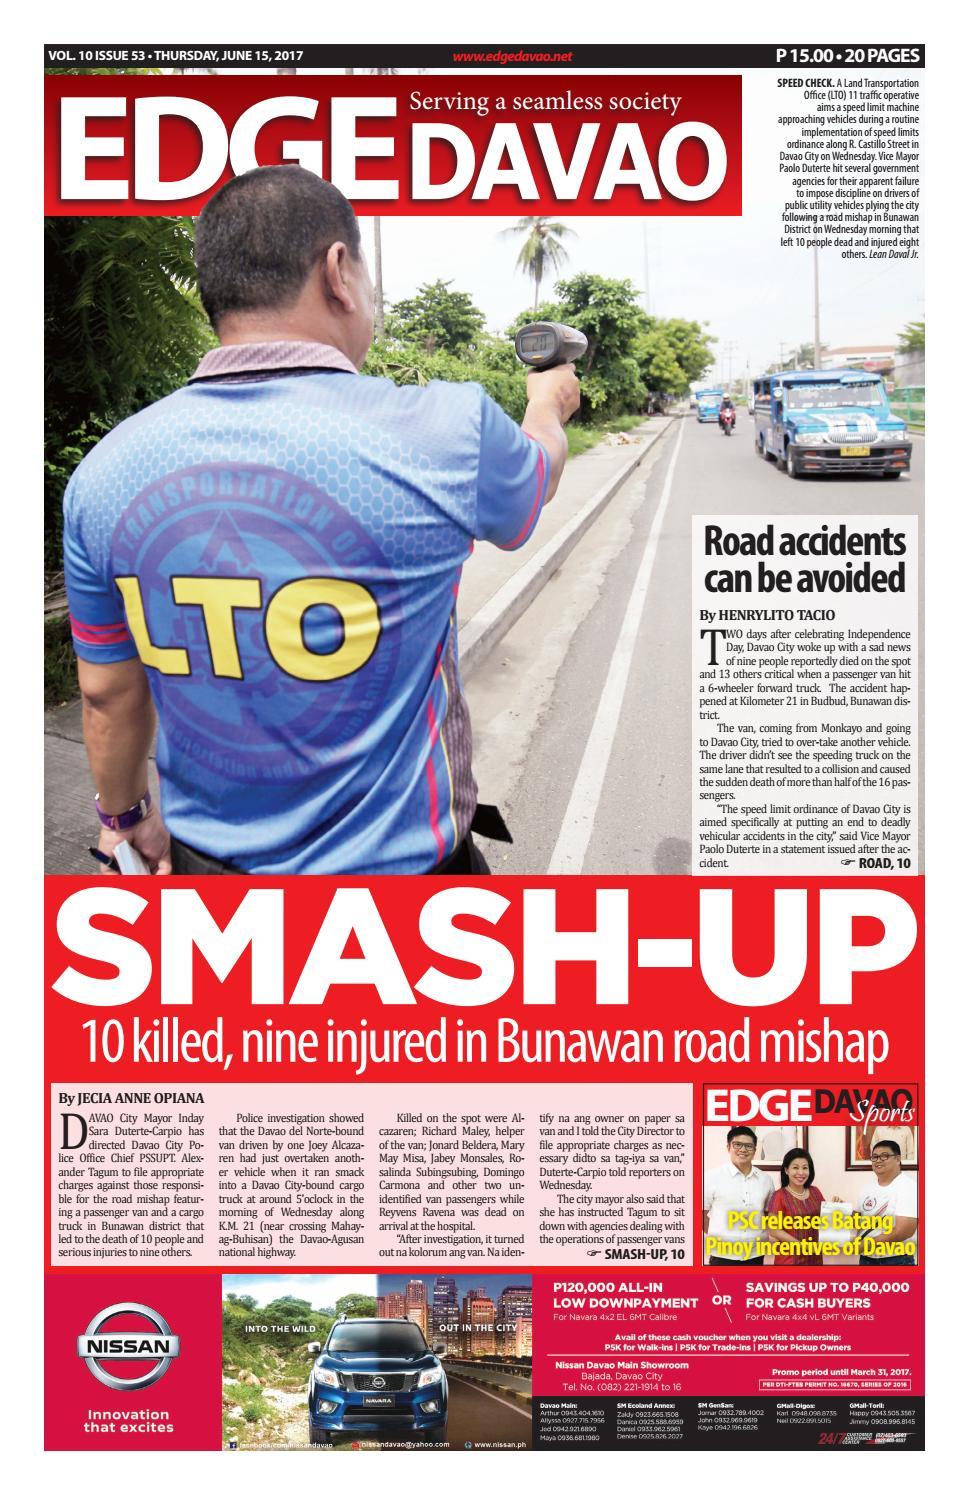 30b27d4a2 Edge Davao 10 Issue 53